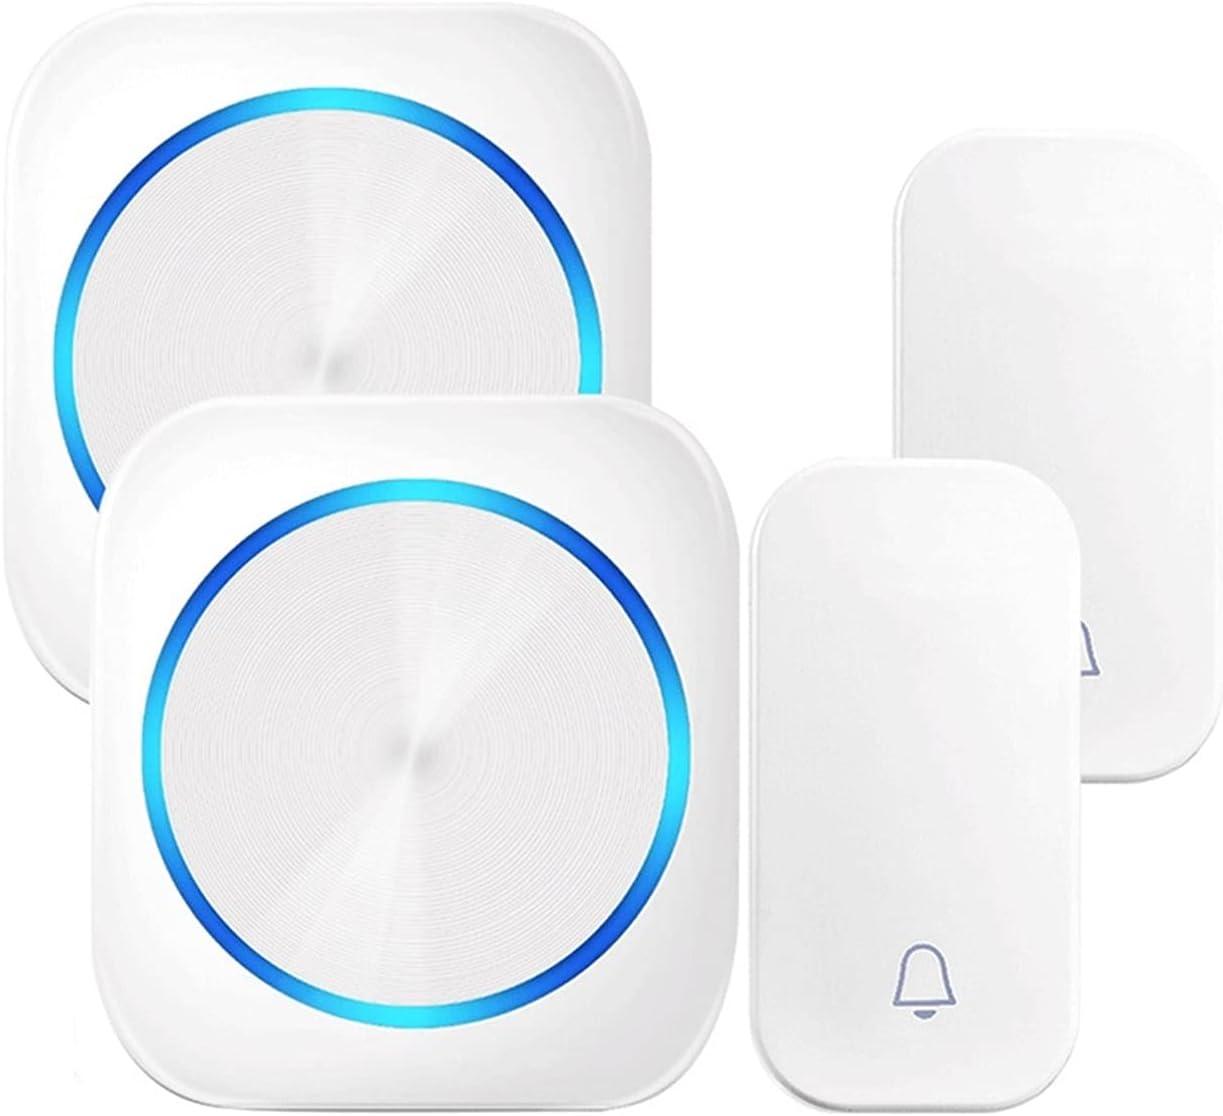 Self-Powered Excellent Wireless Door Bell Waterproof New product type Doo Night Light Mode